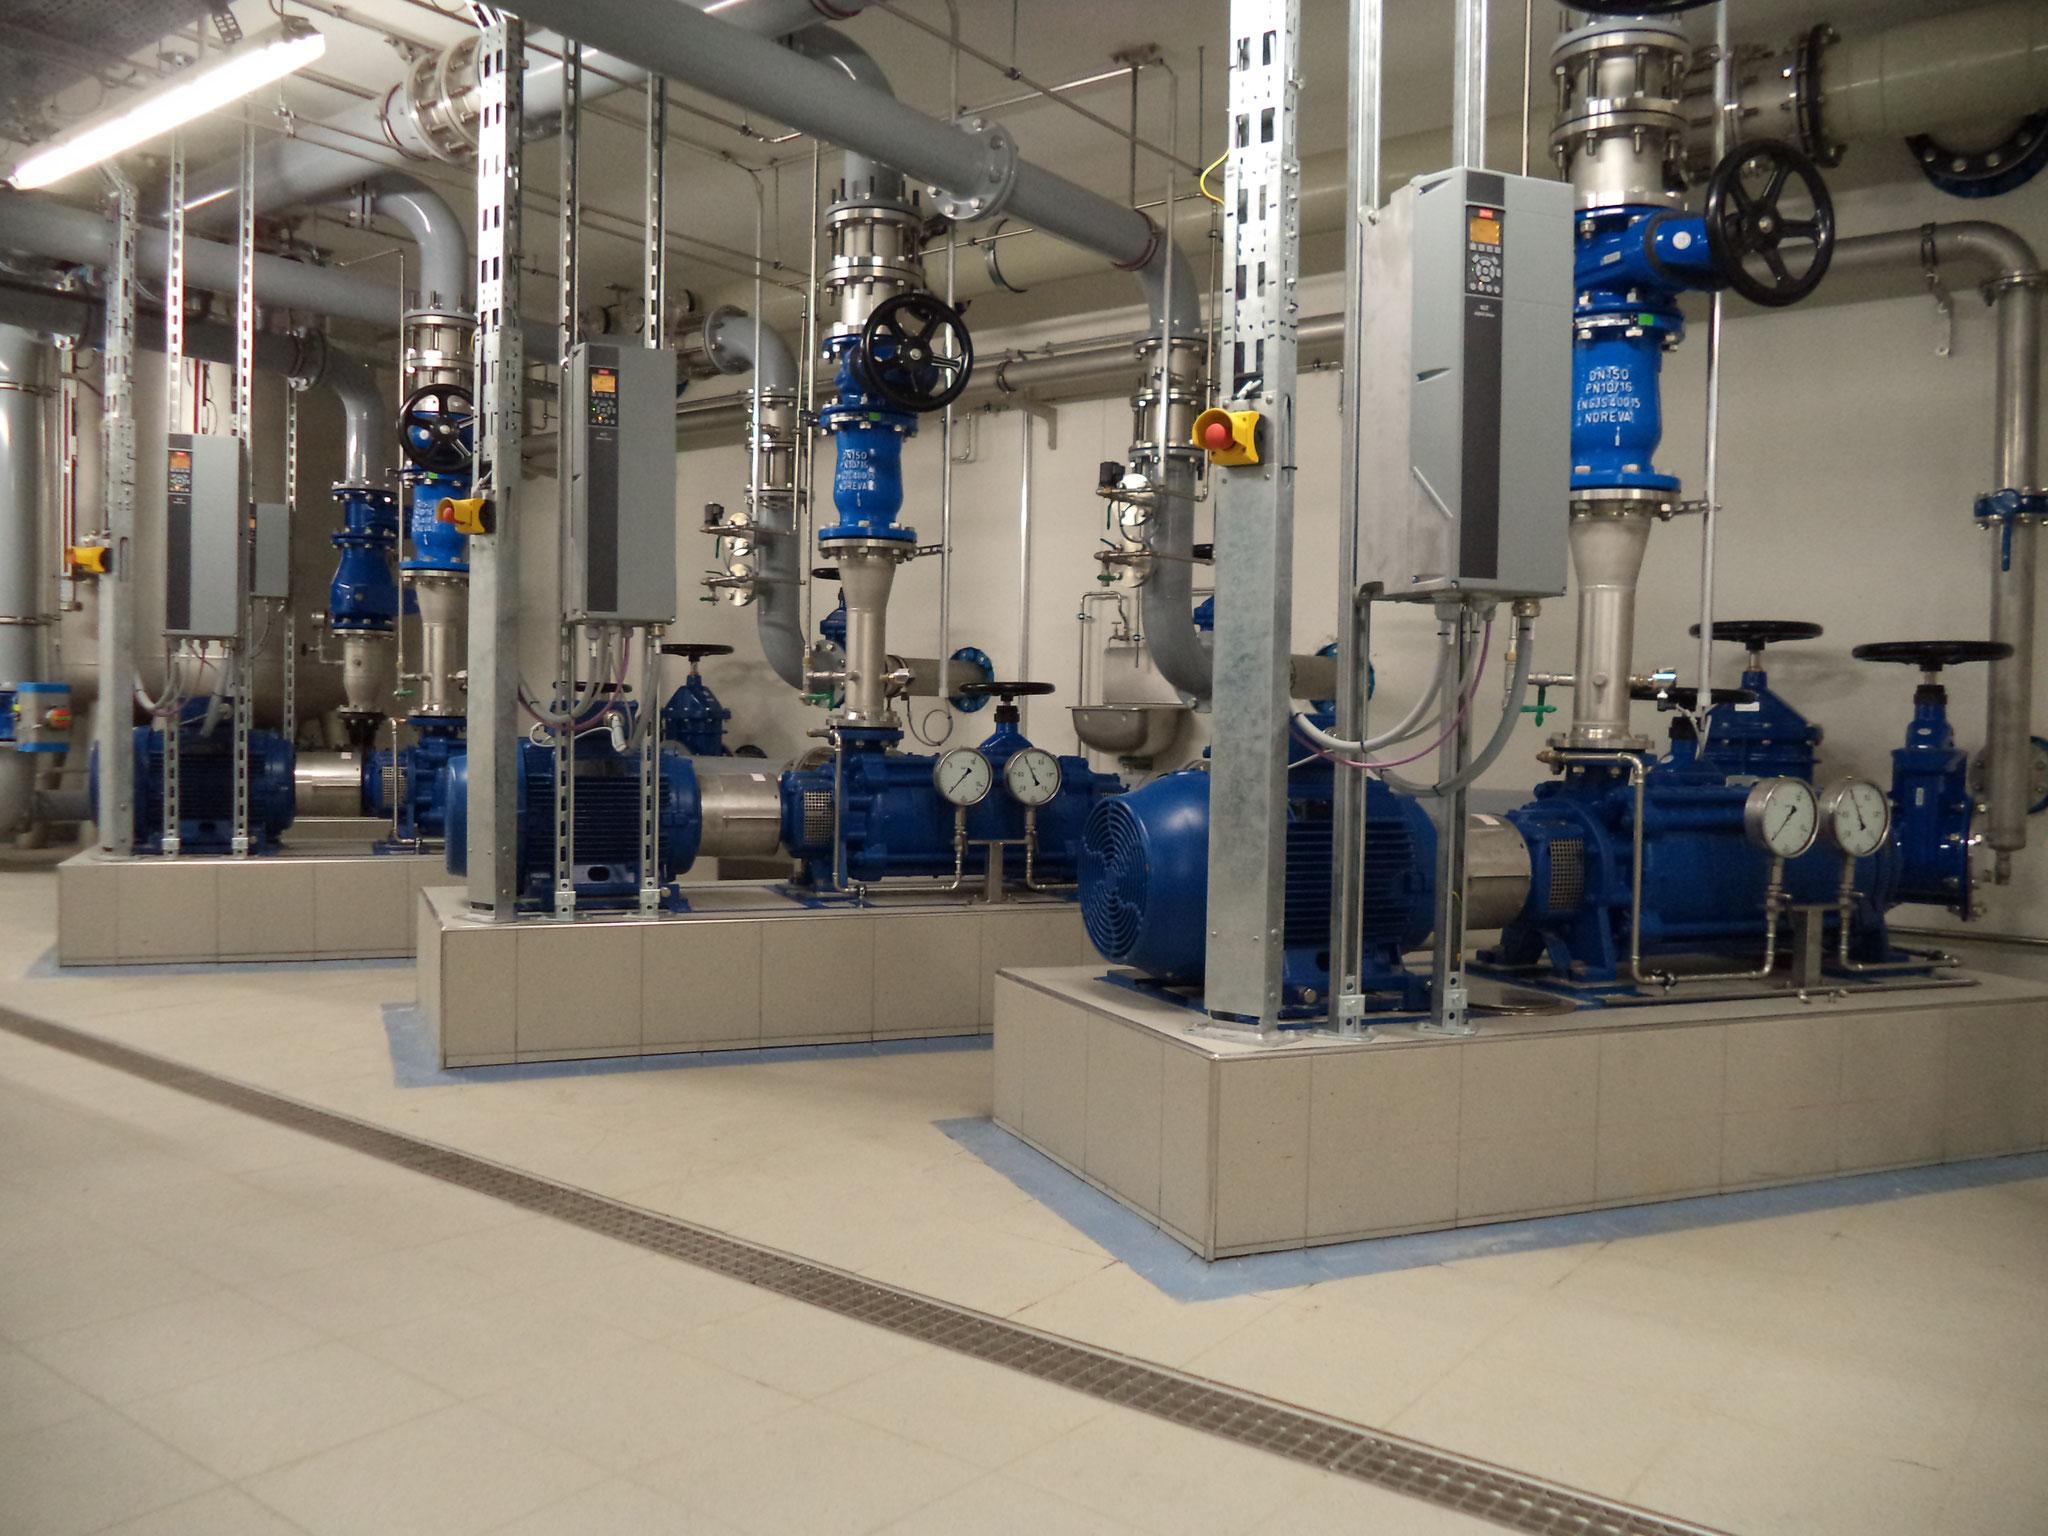 Trinkwasserförderpumpen